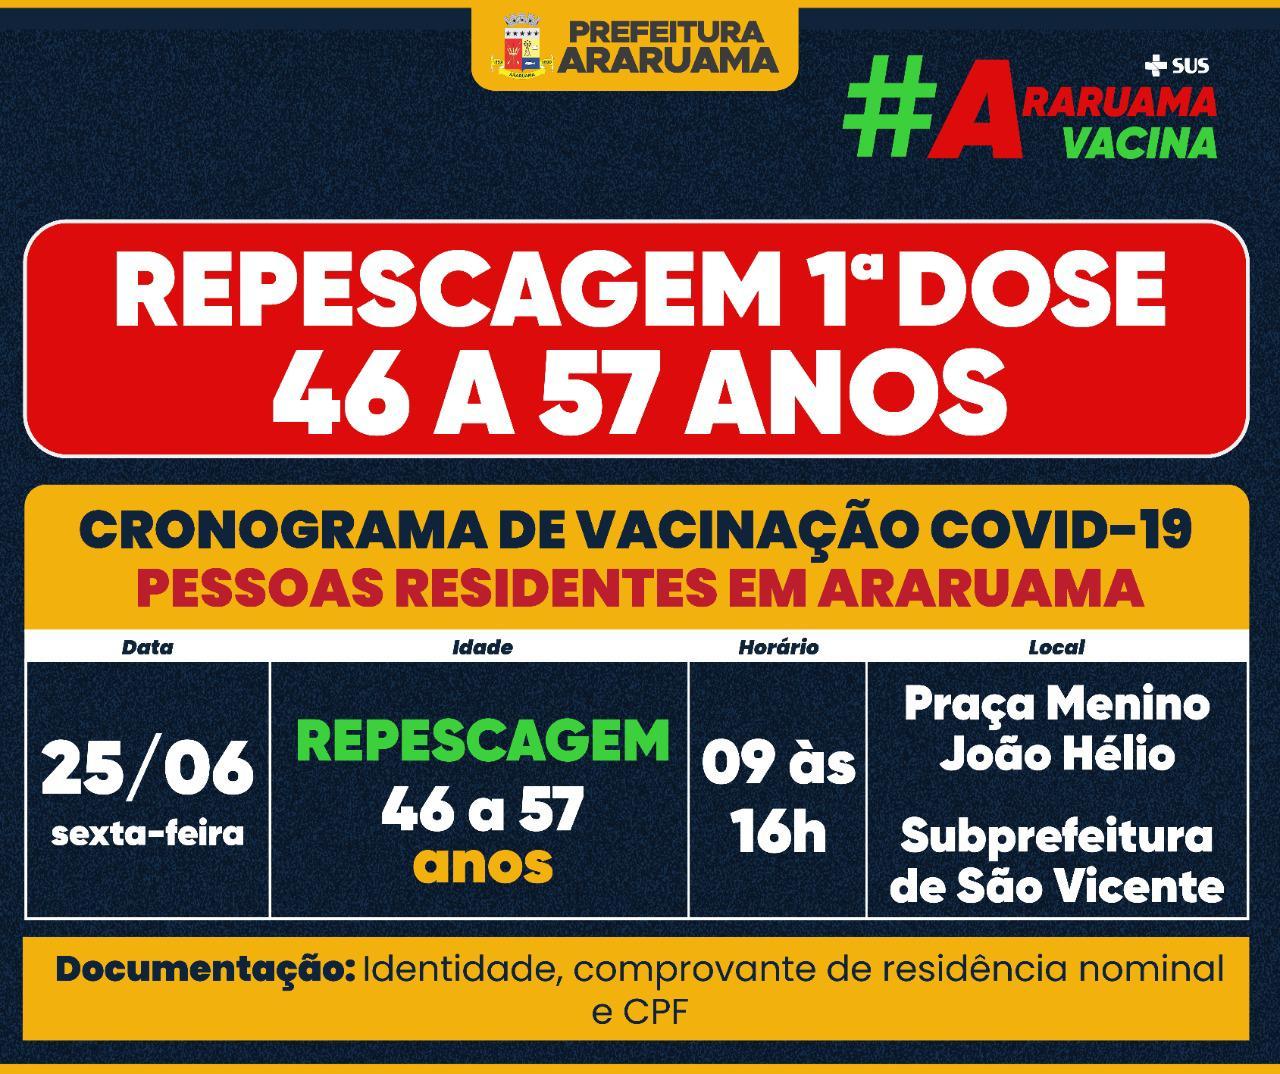 Prefeitura de Araruama anuncia repescagem da primeira dose para pessoas de 46 a 57 anos